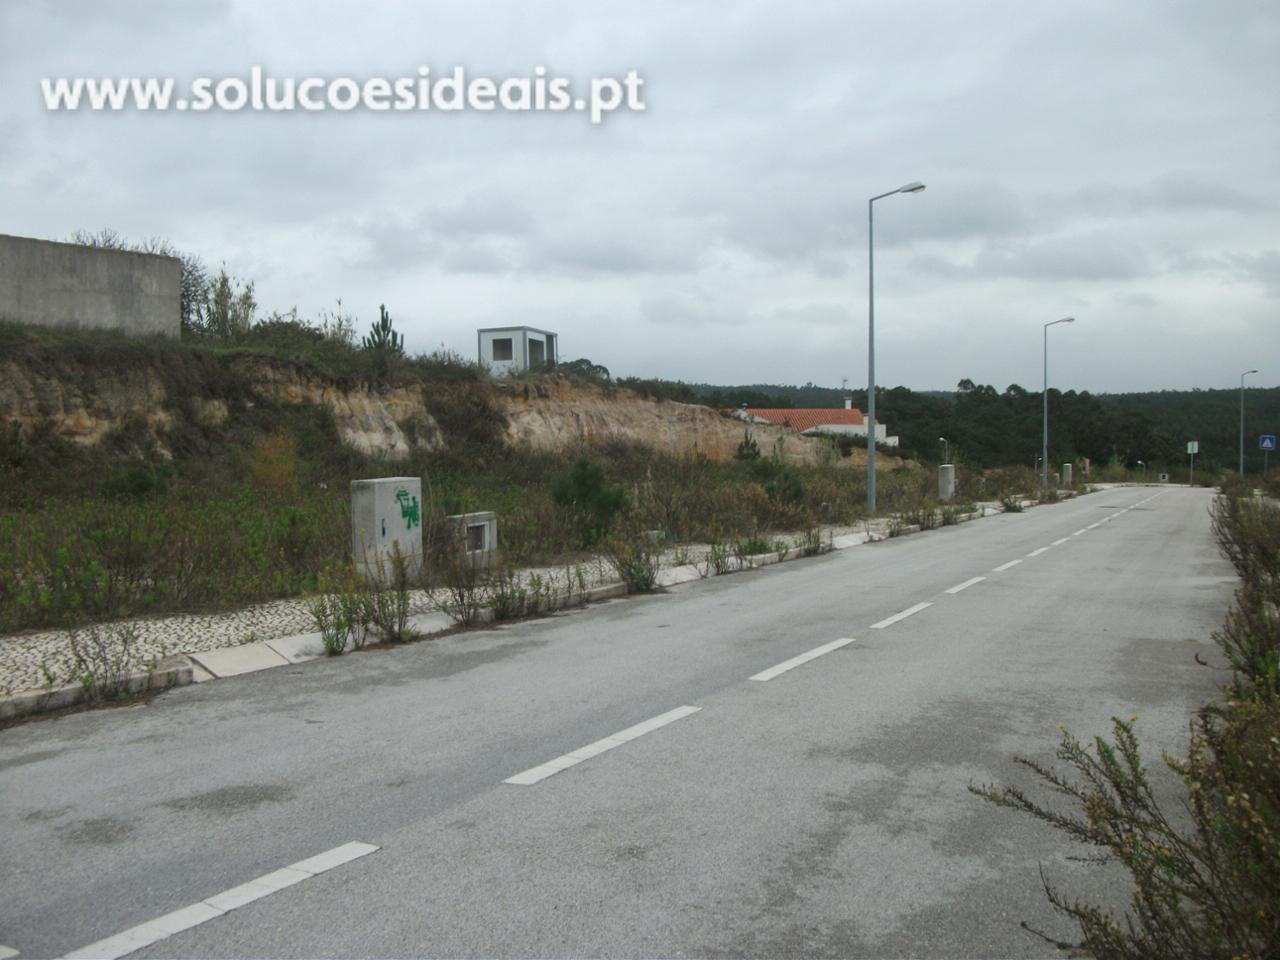 terreno para compra em figueira da foz tavarede carritos FIGPS2197